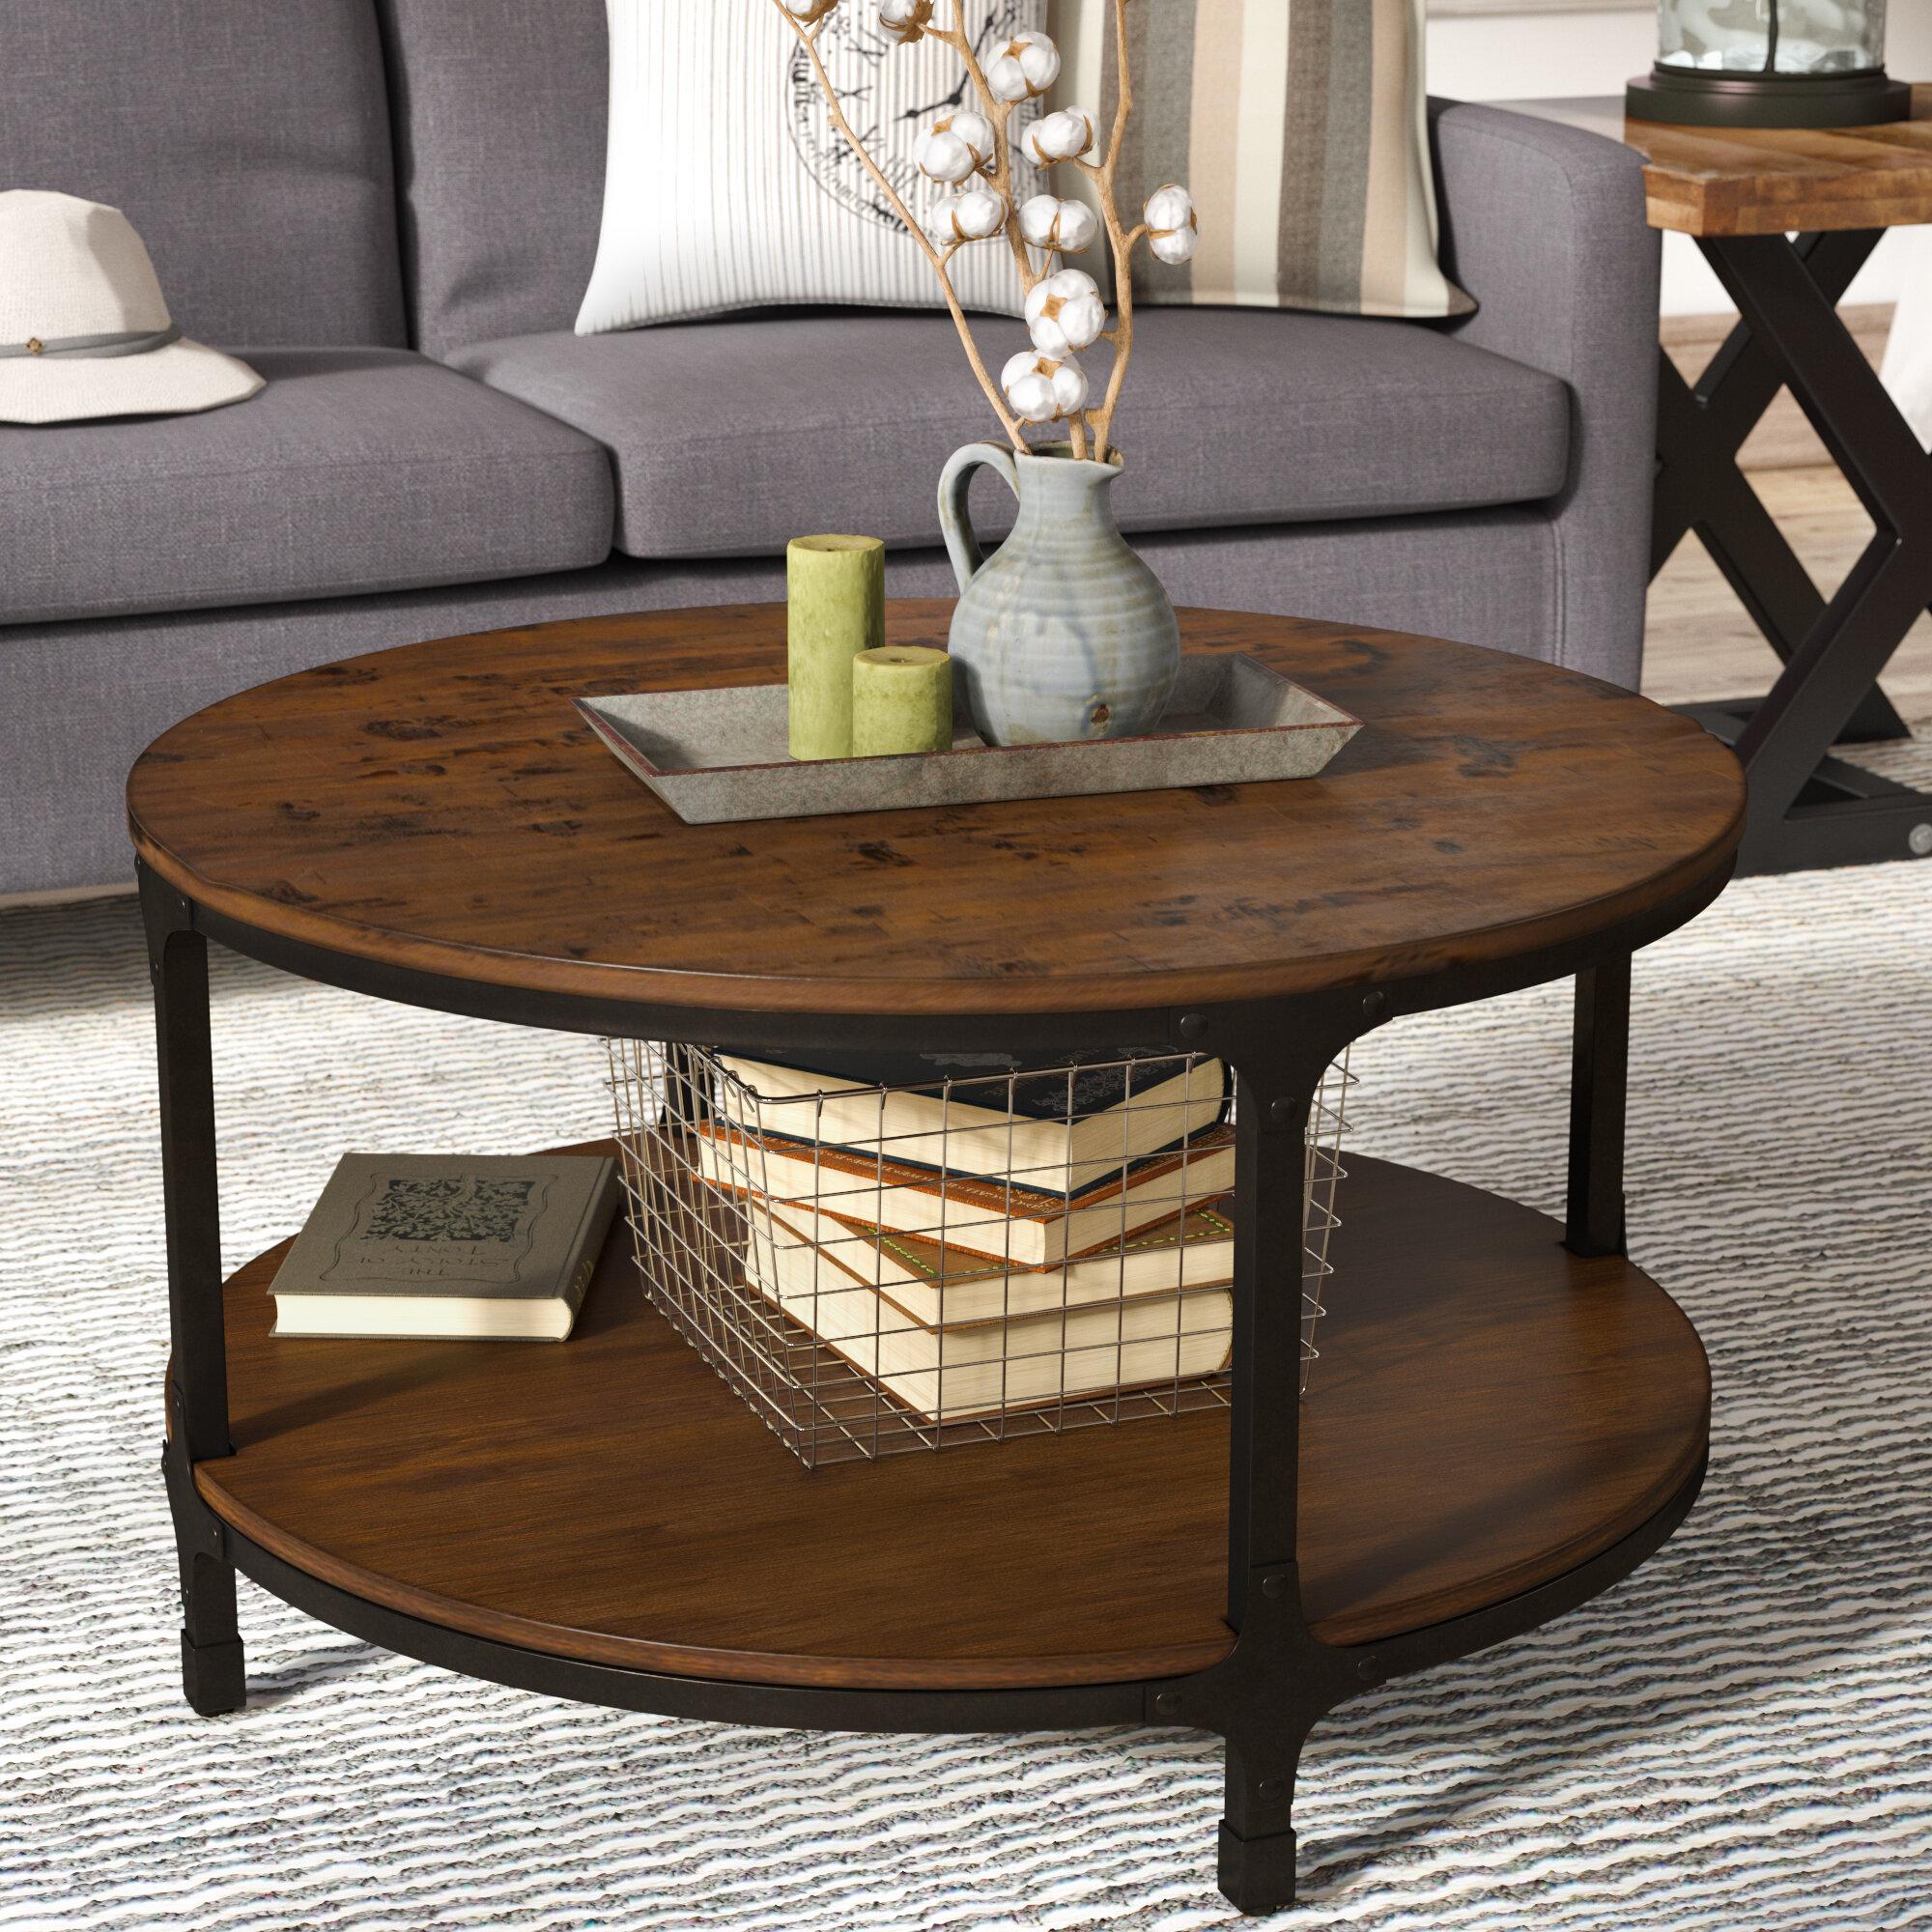 - Laurel Foundry Modern Farmhouse Carolyn Coffee Table With Storage